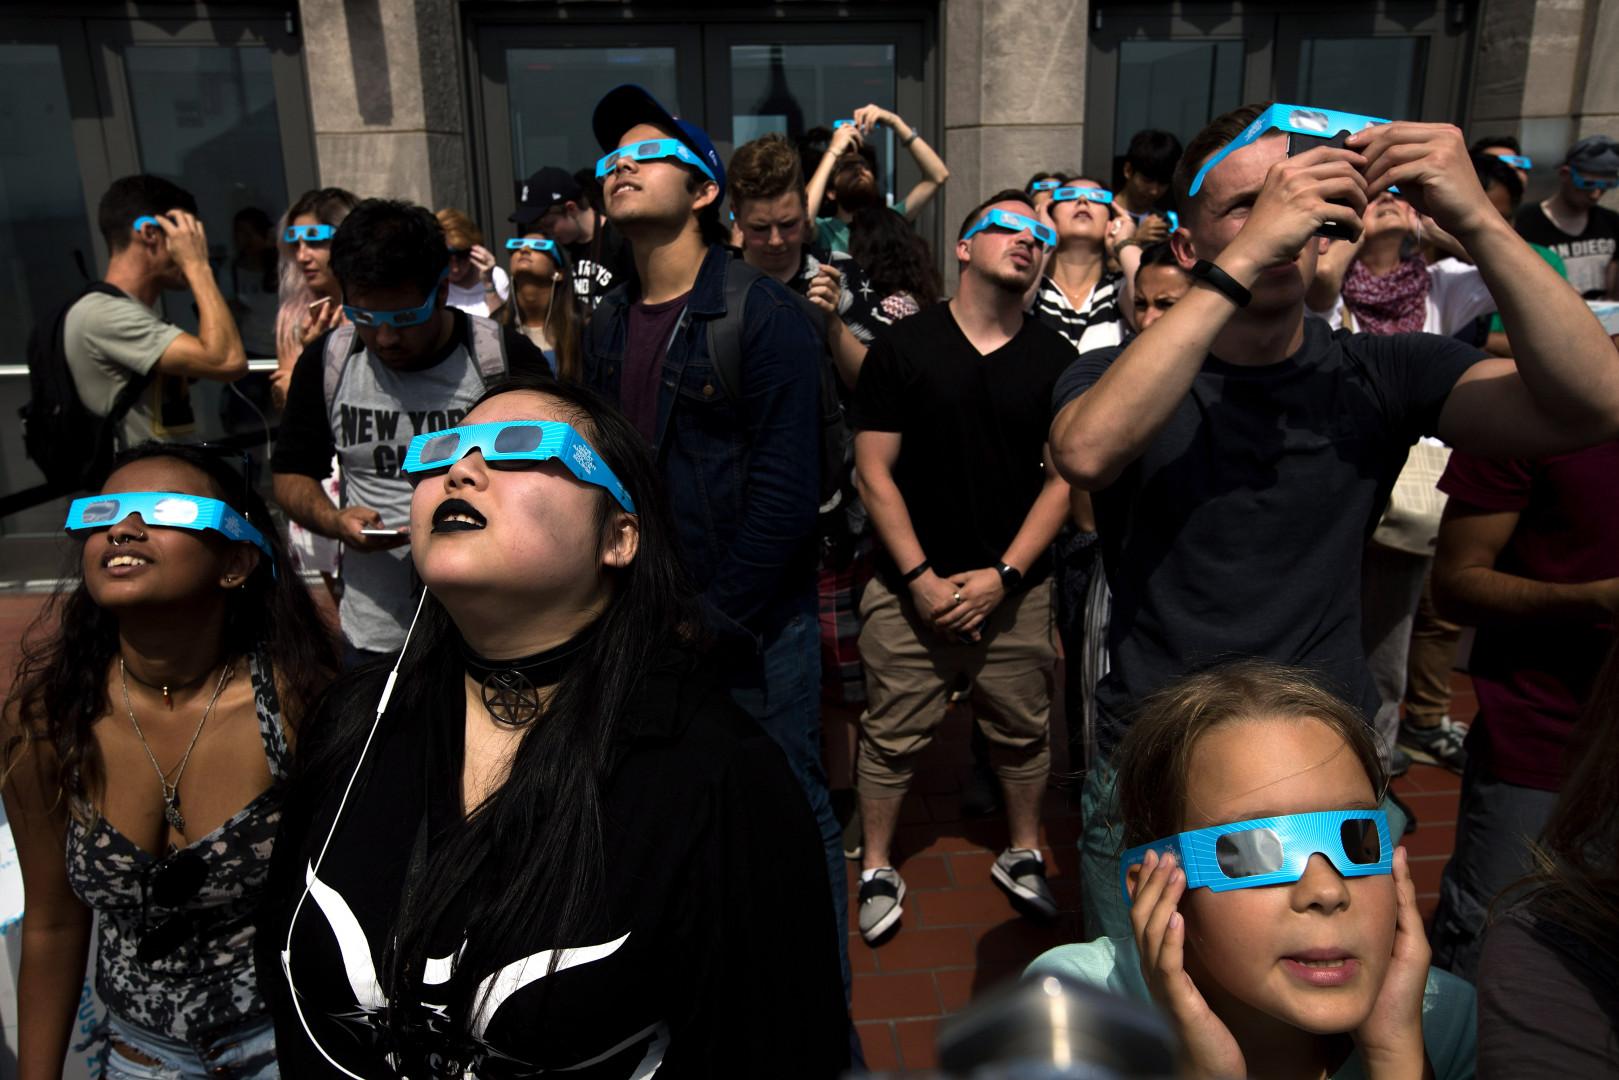 Il fallait s'équiper de lunettes pour se protéger les yeux lors de l'éclipse solaire.